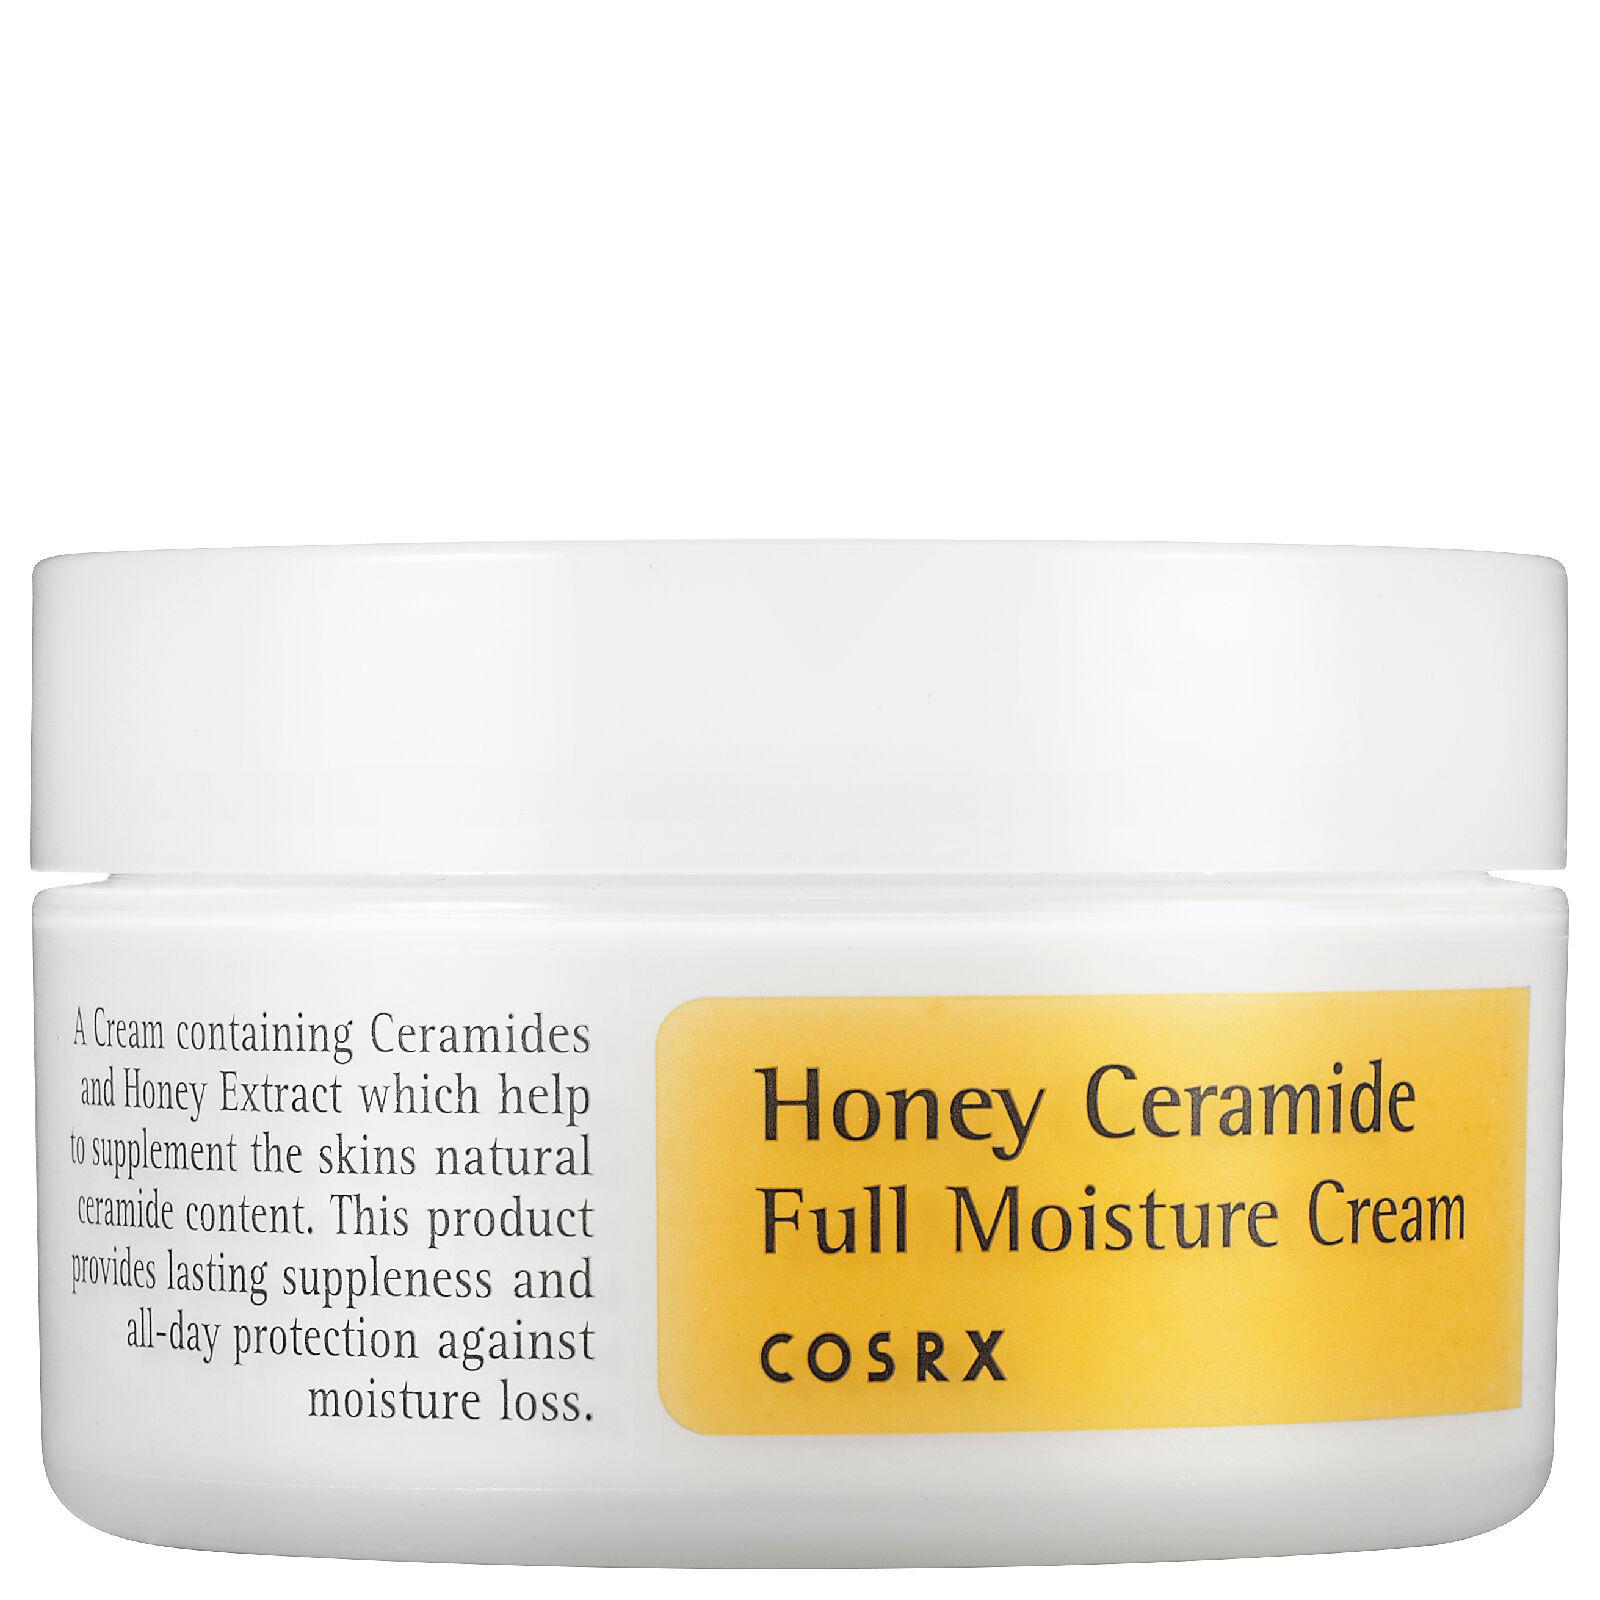 cosrx crema ultra idratante al miele e ceramidi